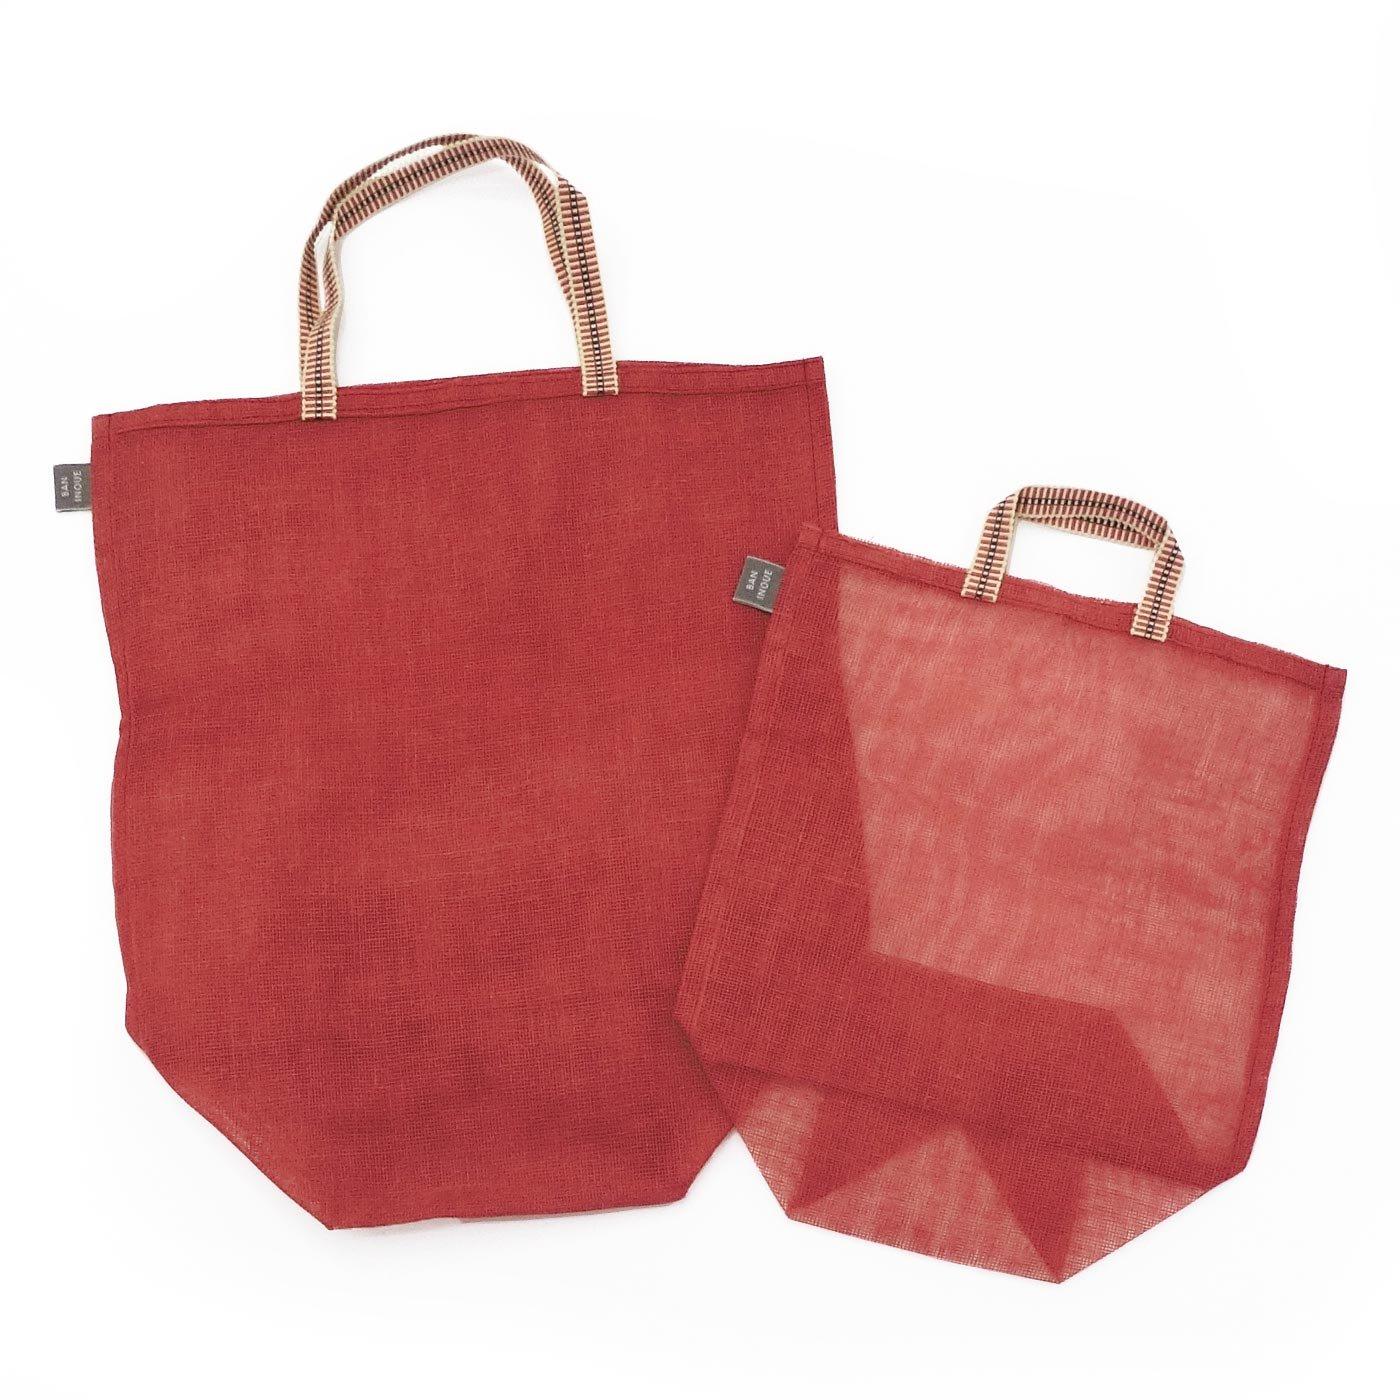 奈良の蚊帳生地で作った 持ち手付き袋セットの会